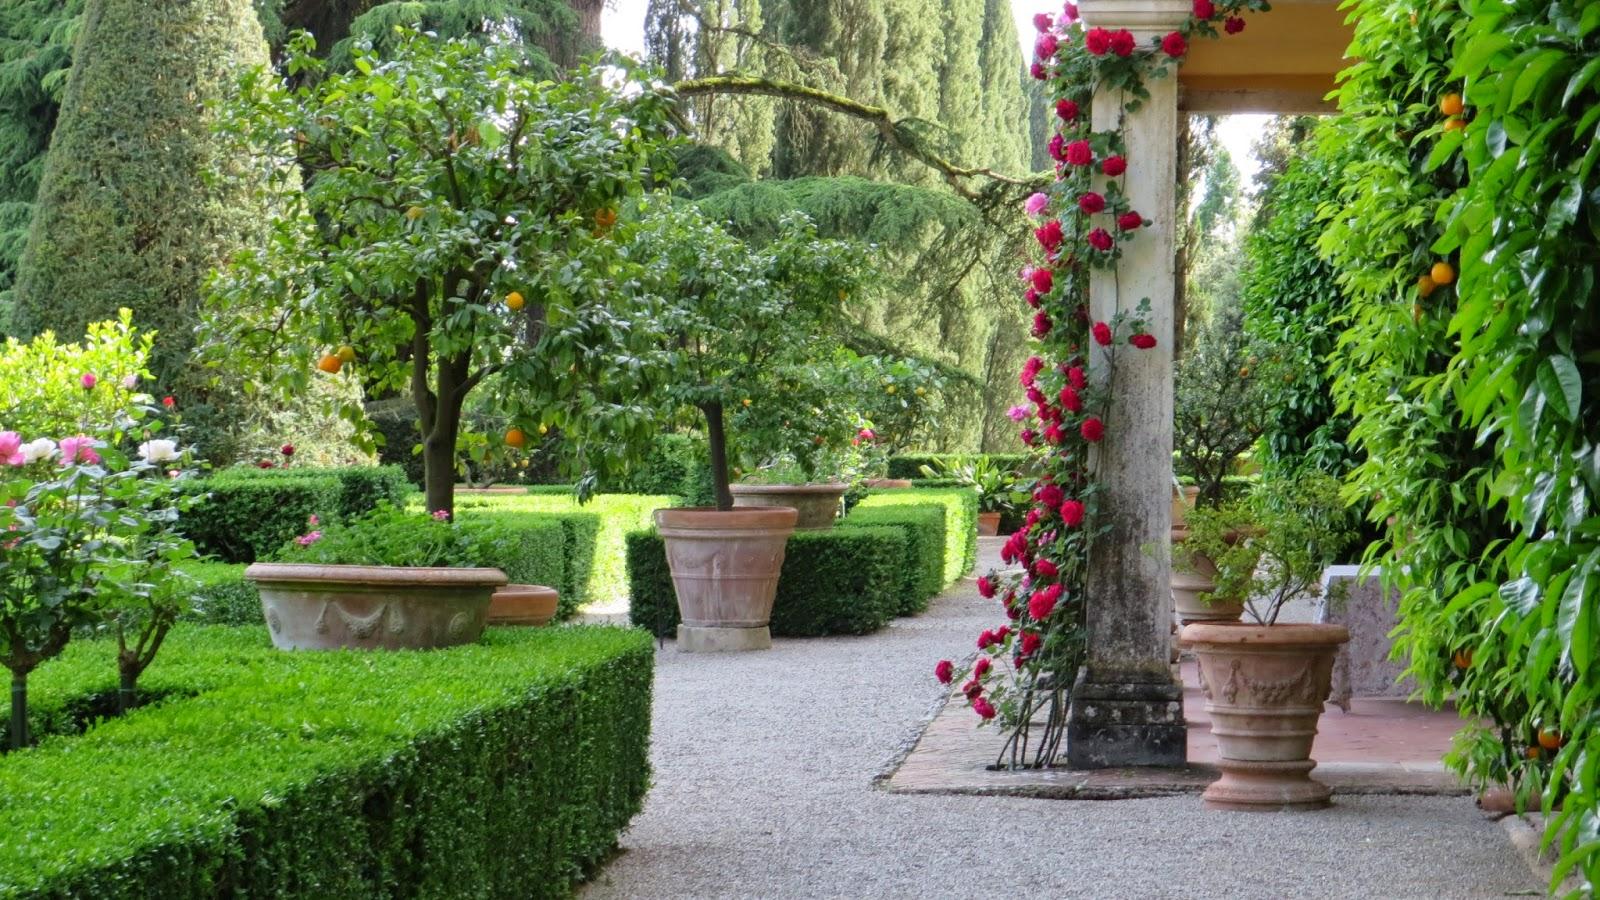 Hortibus voyage art et jardins en toscane groupe for Jardin de toscane